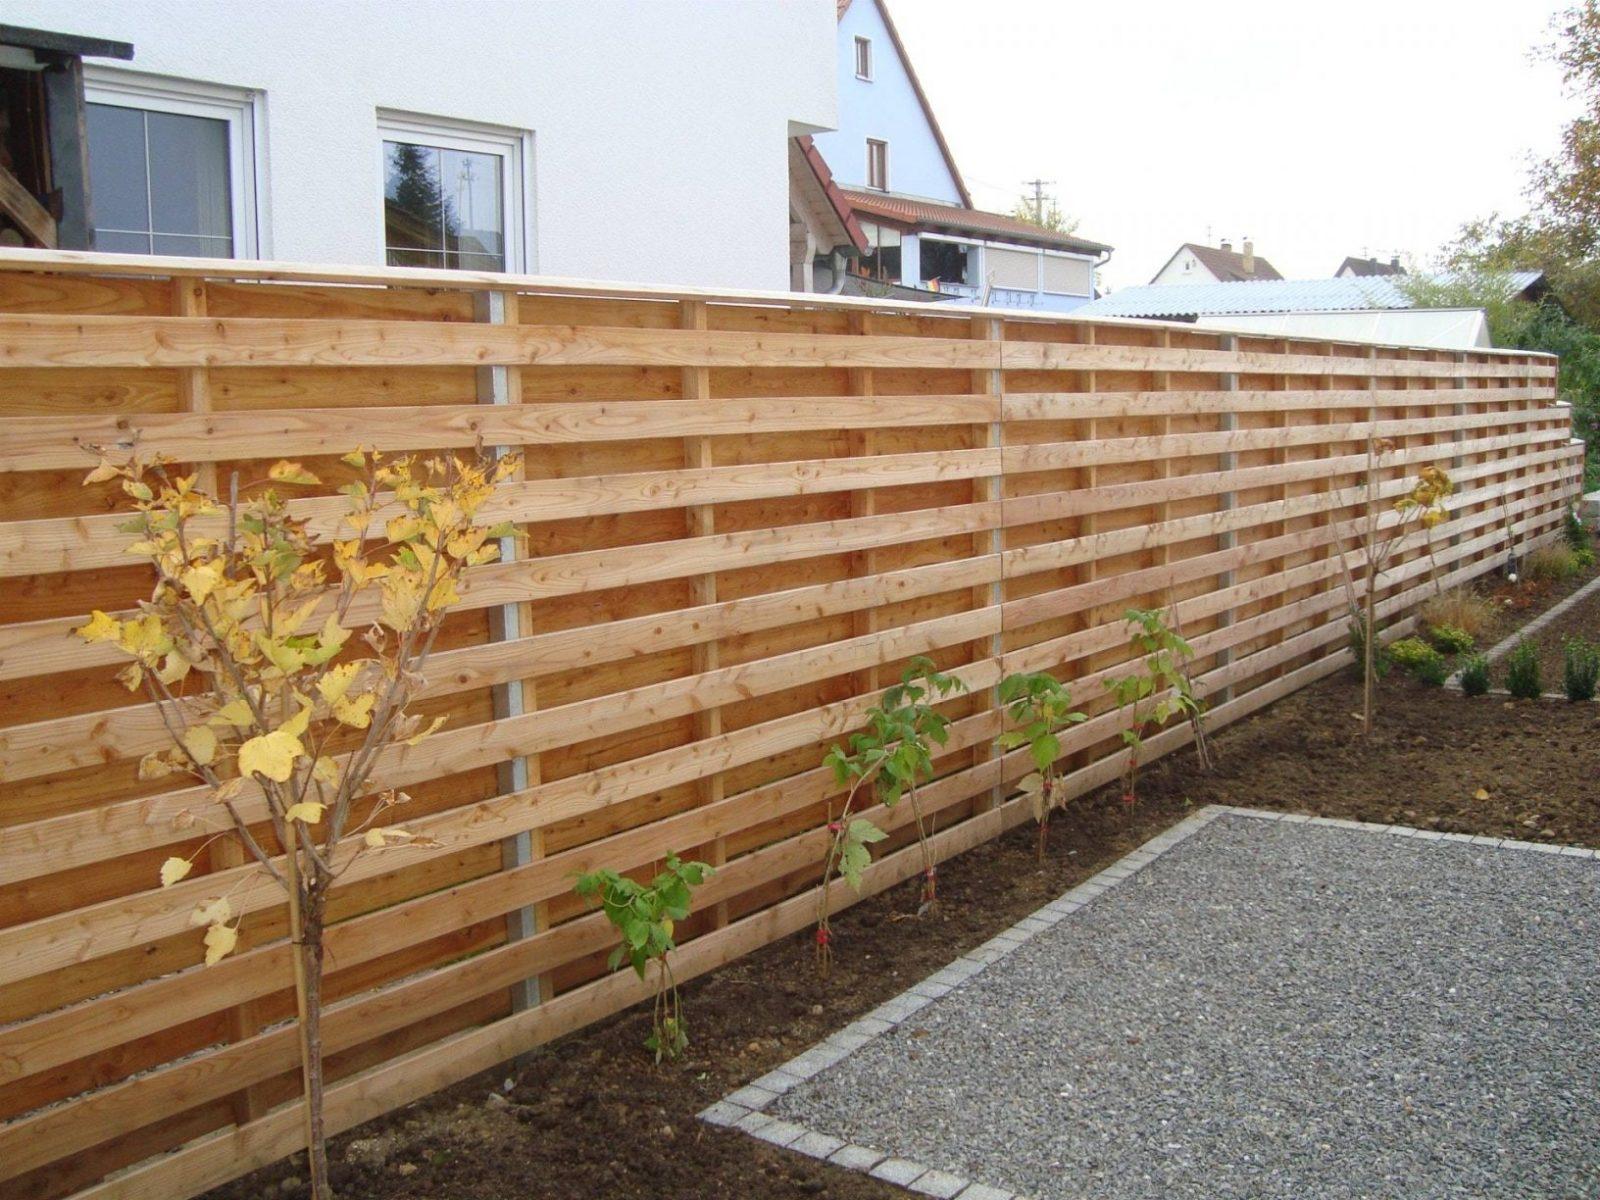 Garten Sichtschutz Selber Bauen Beste Von Stunning Gartenzaun Holz von Garten Sichtschutz Selber Bauen Photo